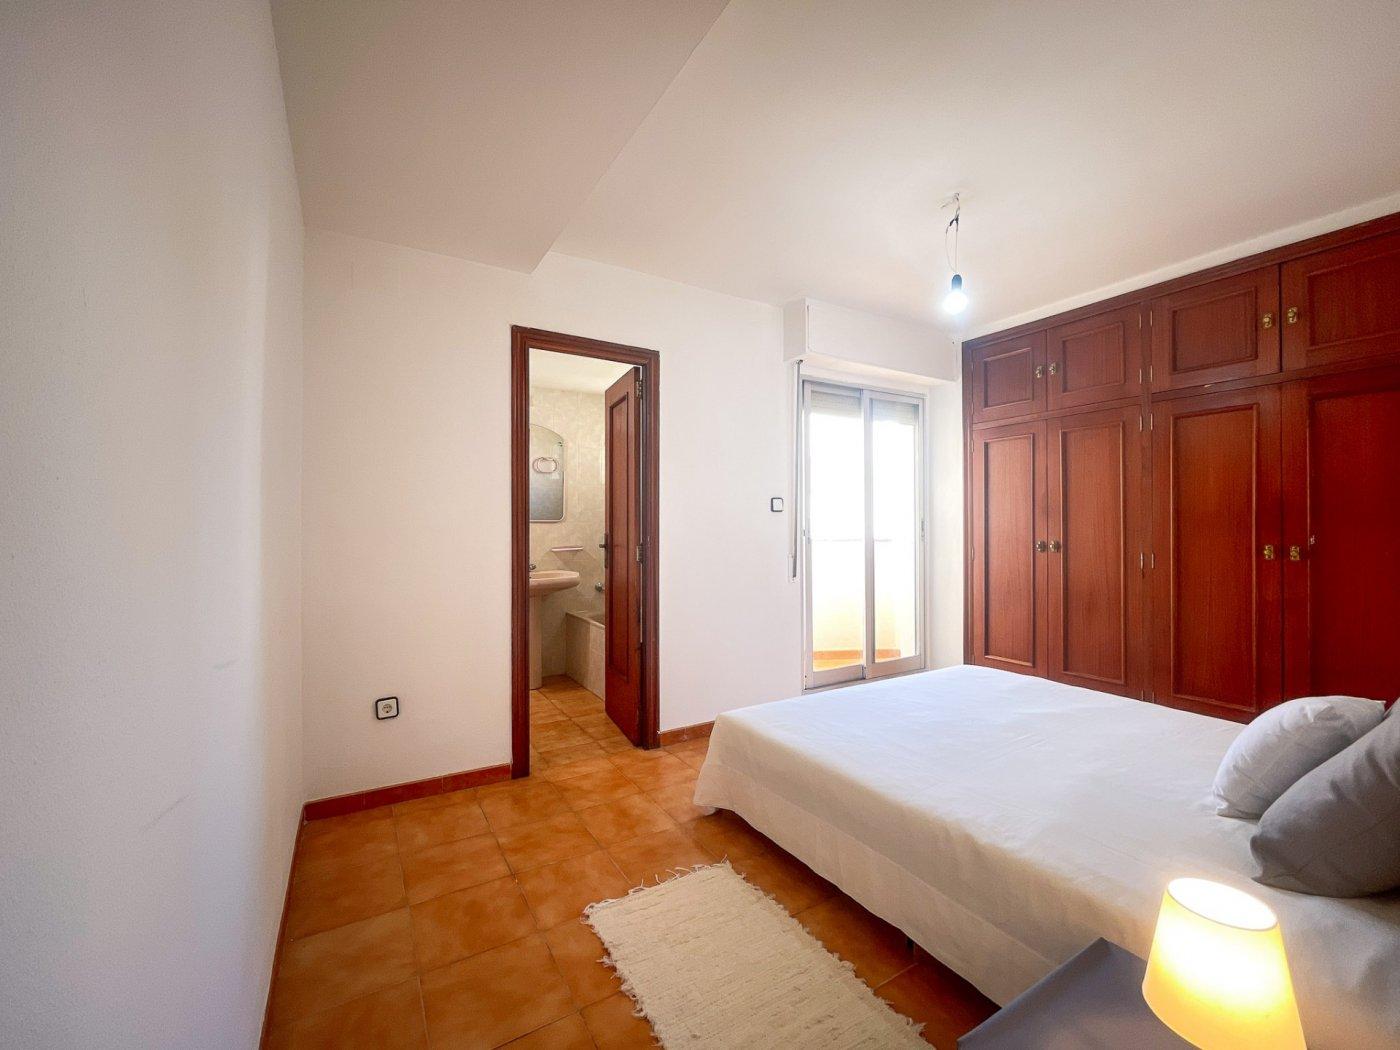 Estupendo piso muy soleado en plena avenida de la hispanidad de alcoy!! - imagenInmueble14